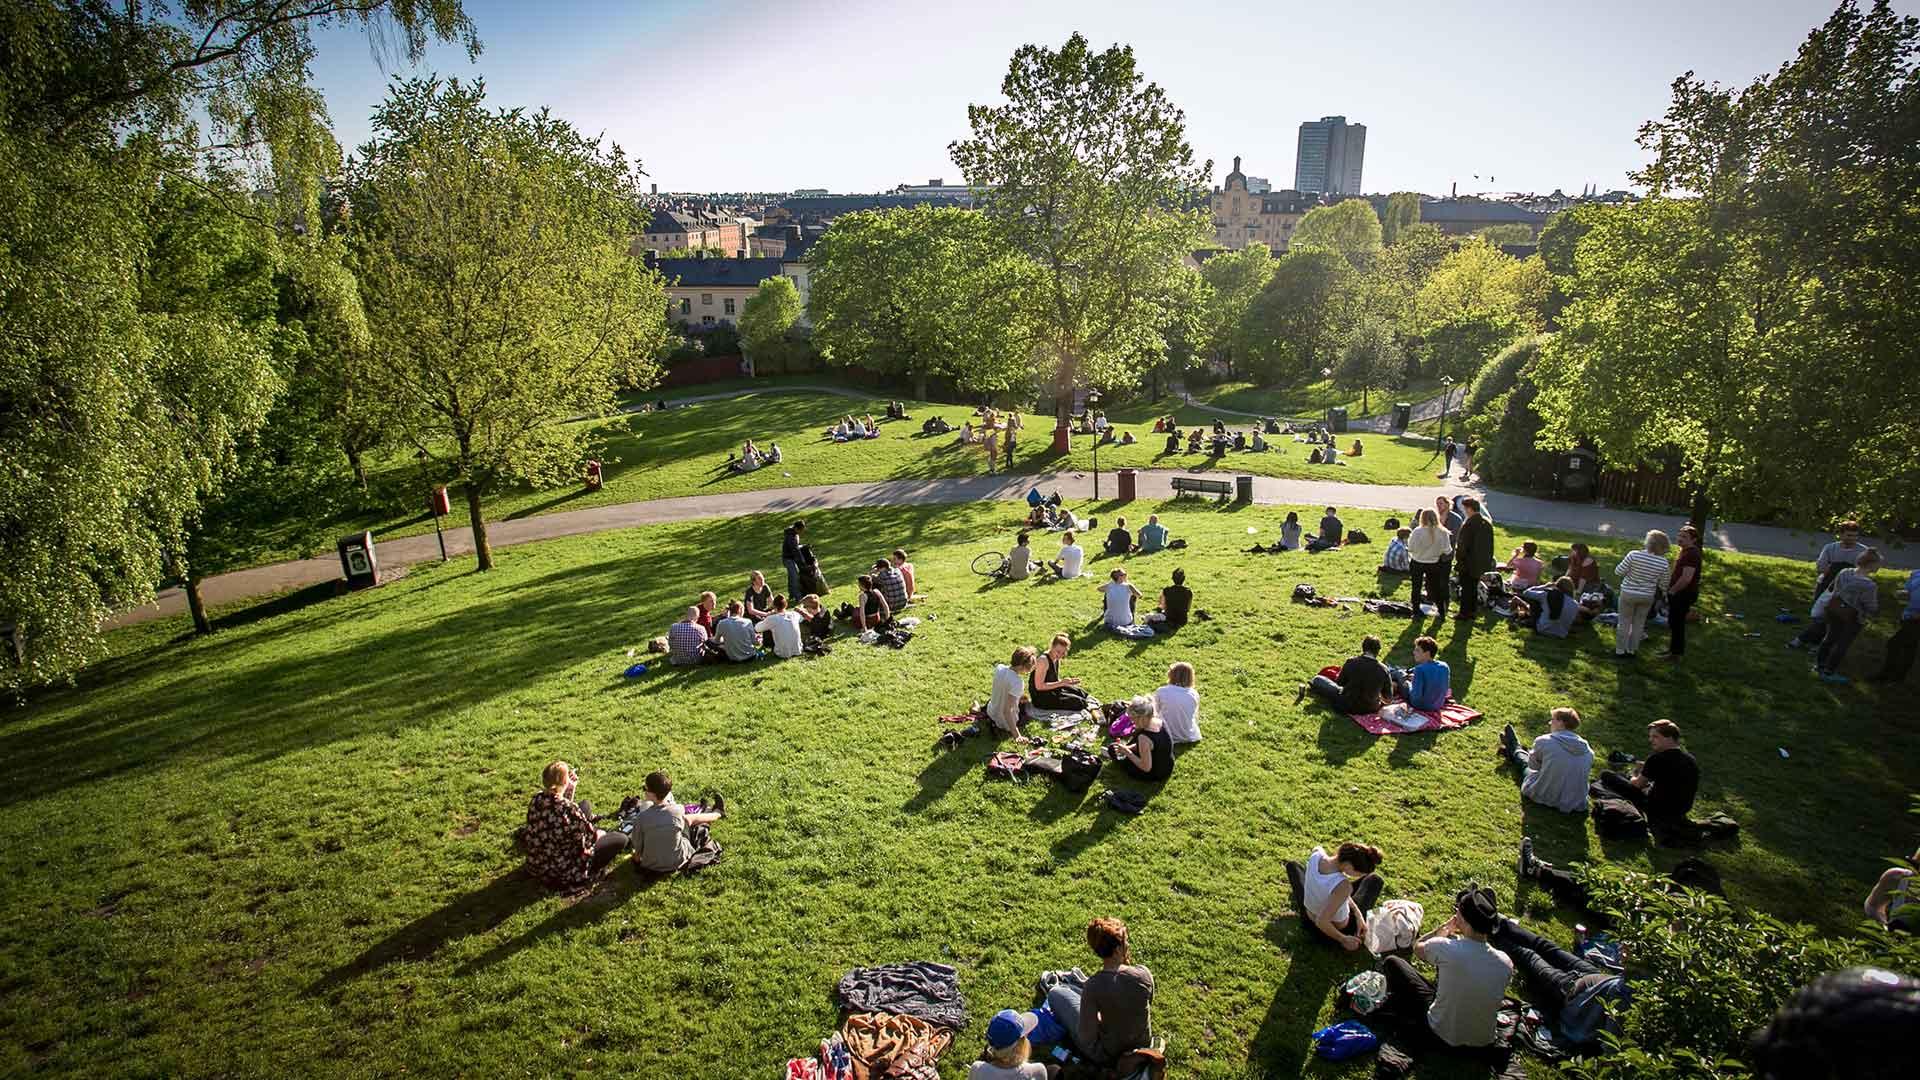 Freunde in Nürnberg im Park